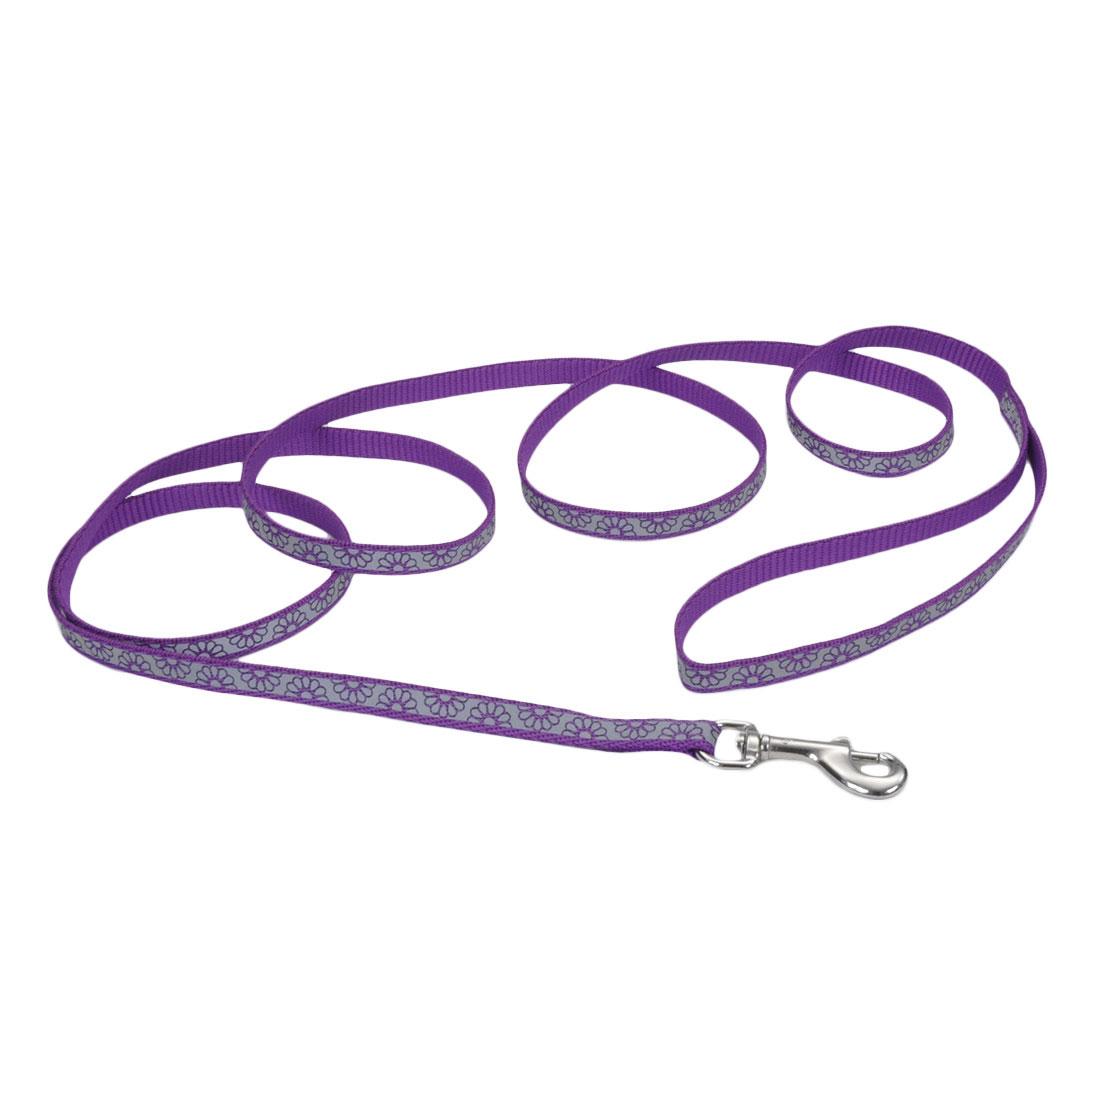 Lazer Brite Reflective Open-Design Dog Leash, Purple Daisy Image